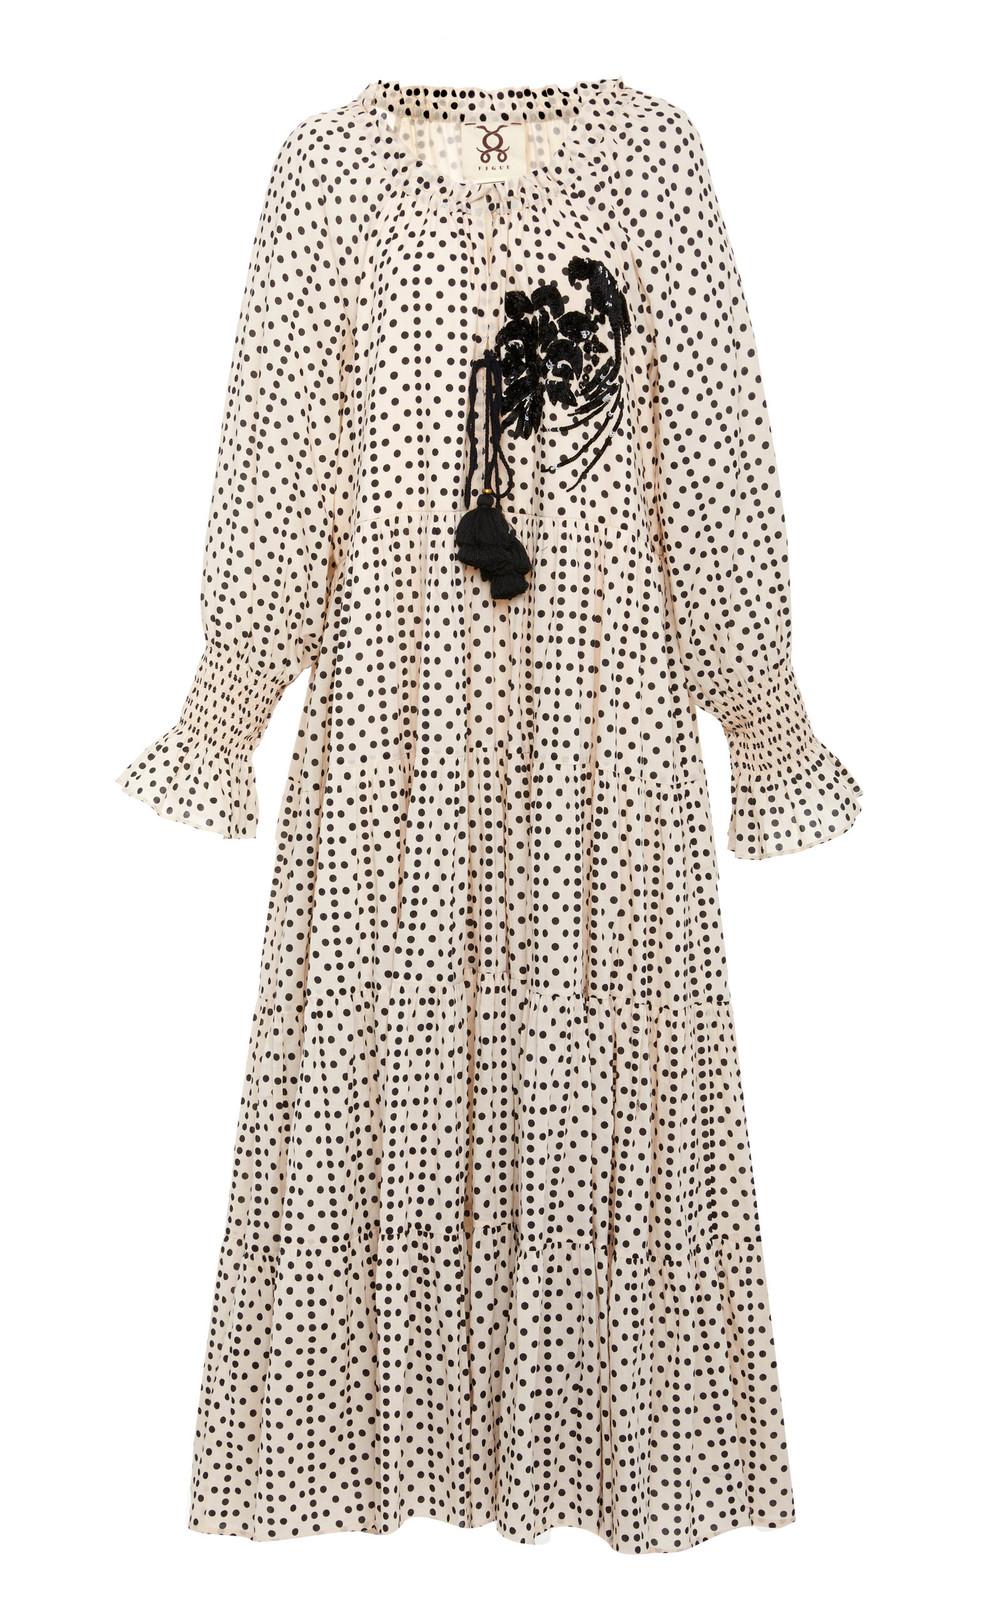 Figue Bella Sequin-Embroidered Cotton Midi Dress in black / white